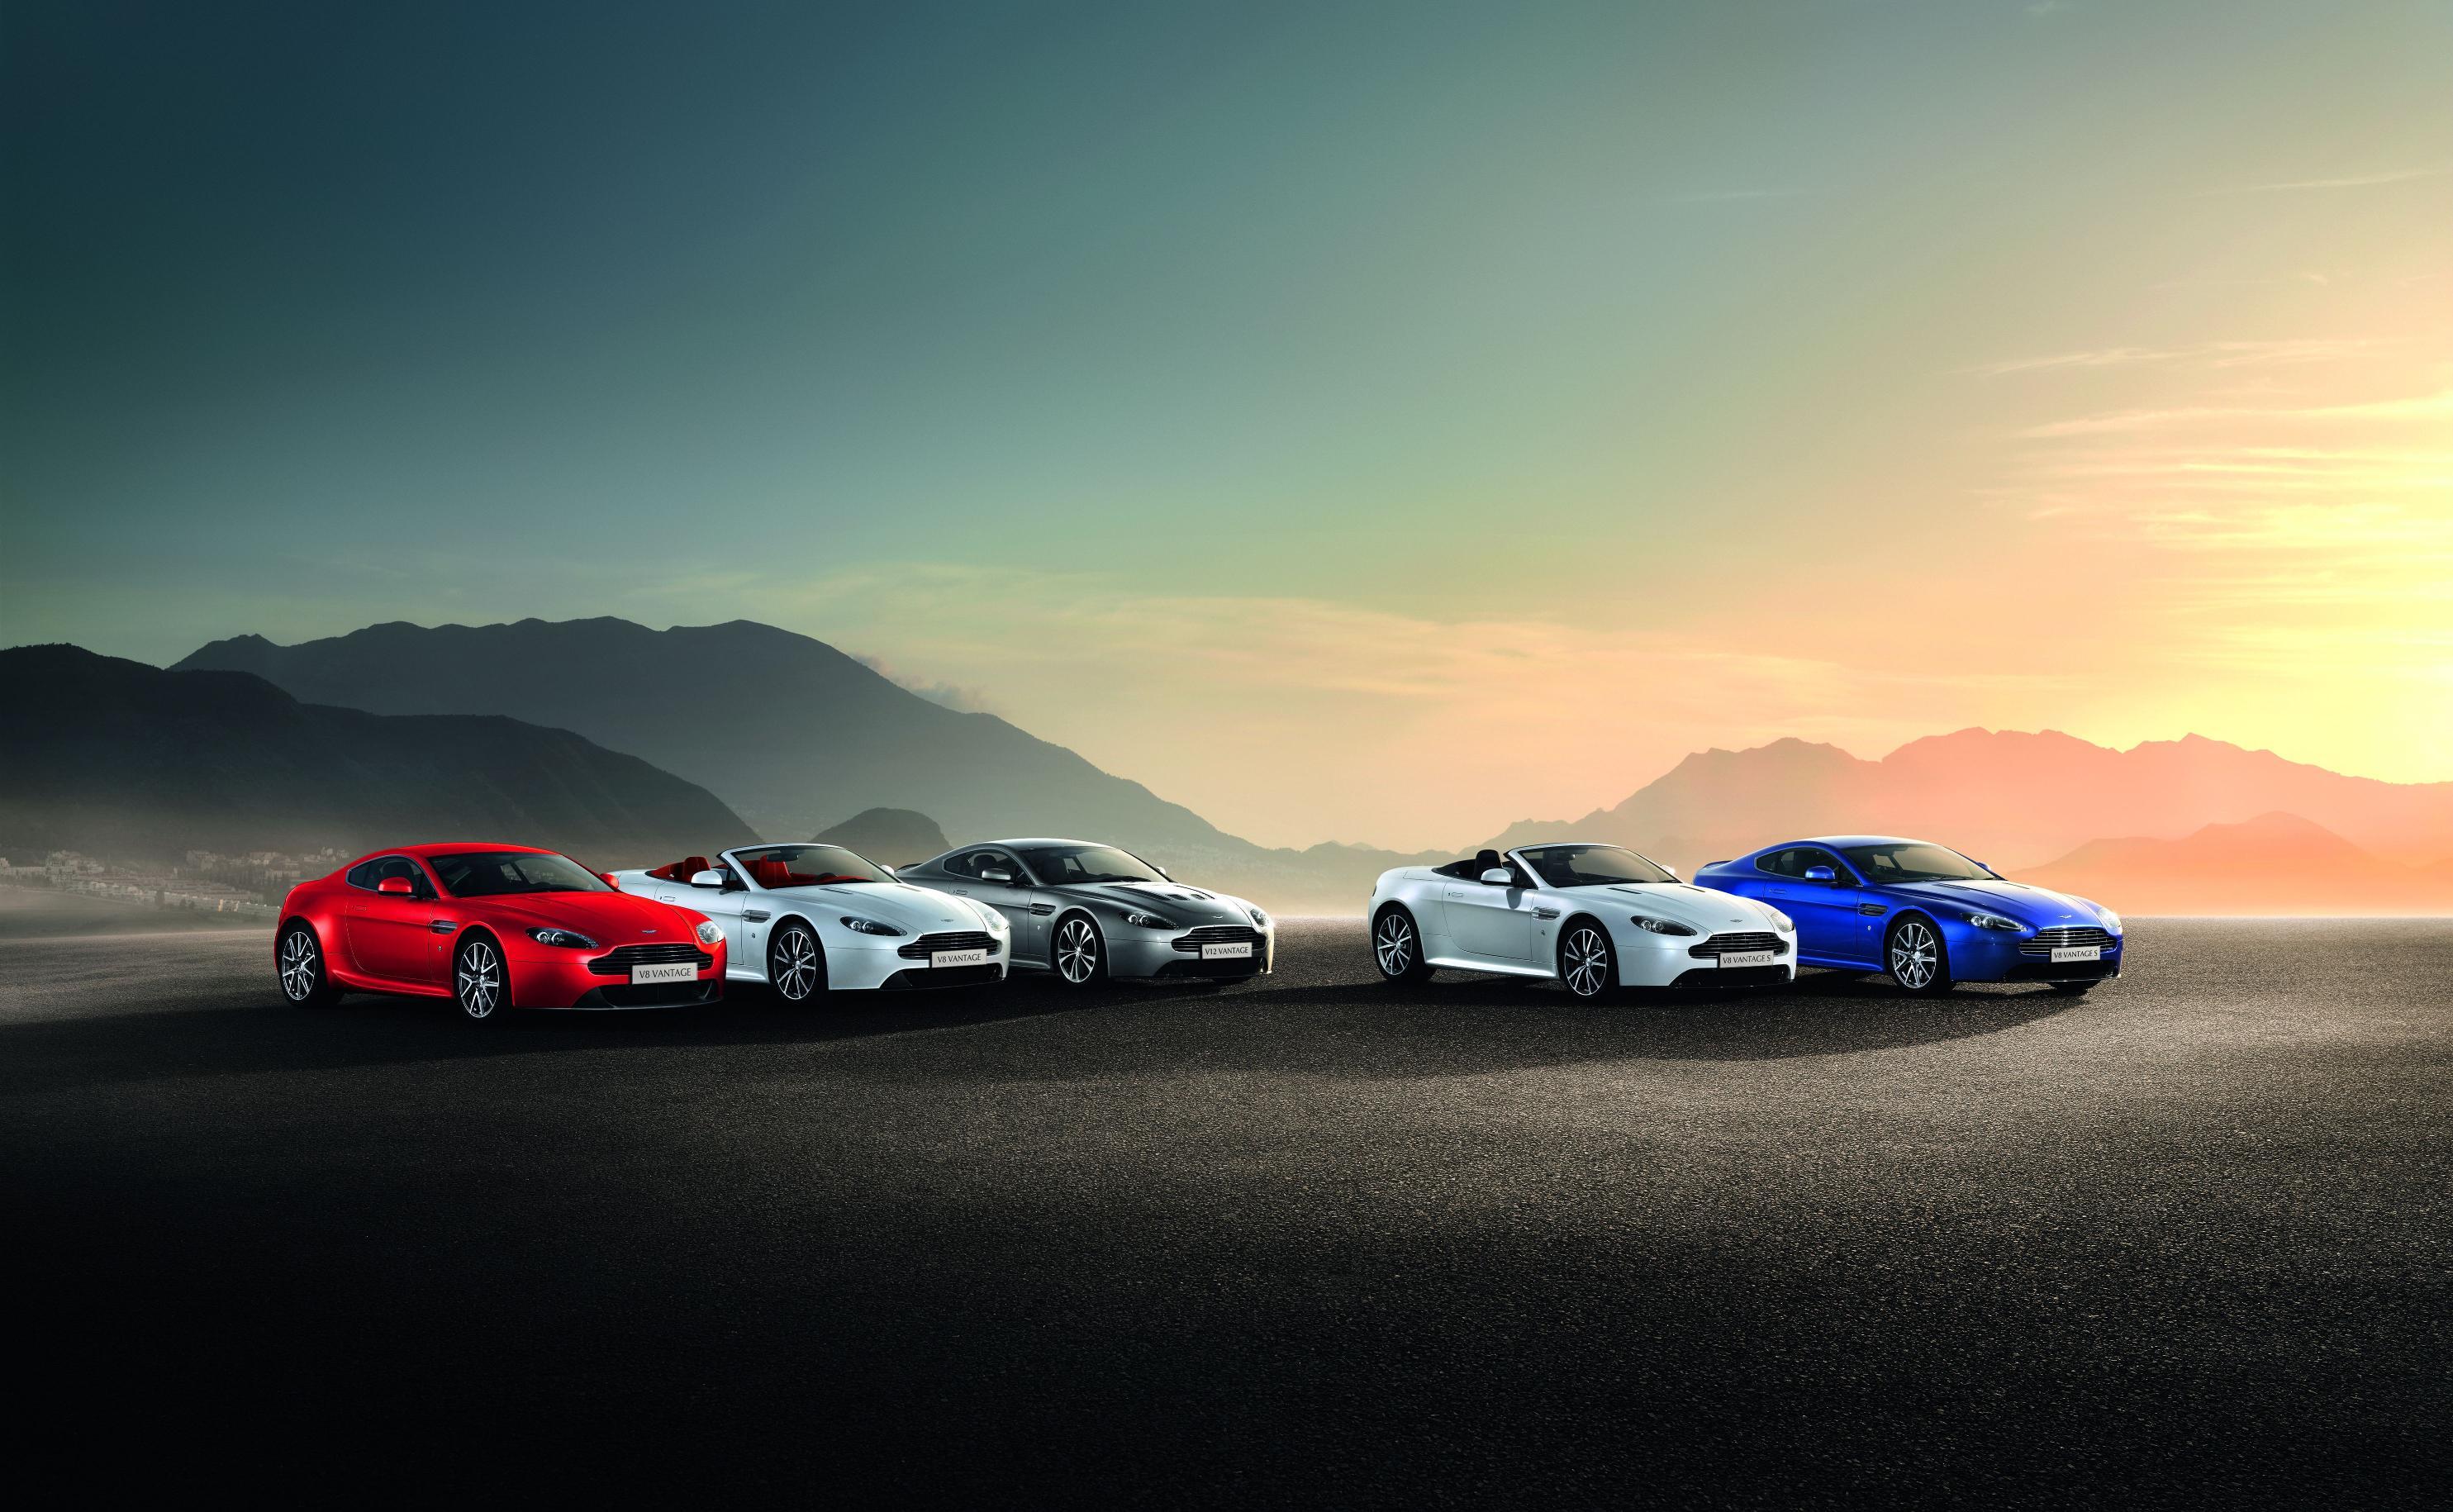 Aston Martin Vantage Range